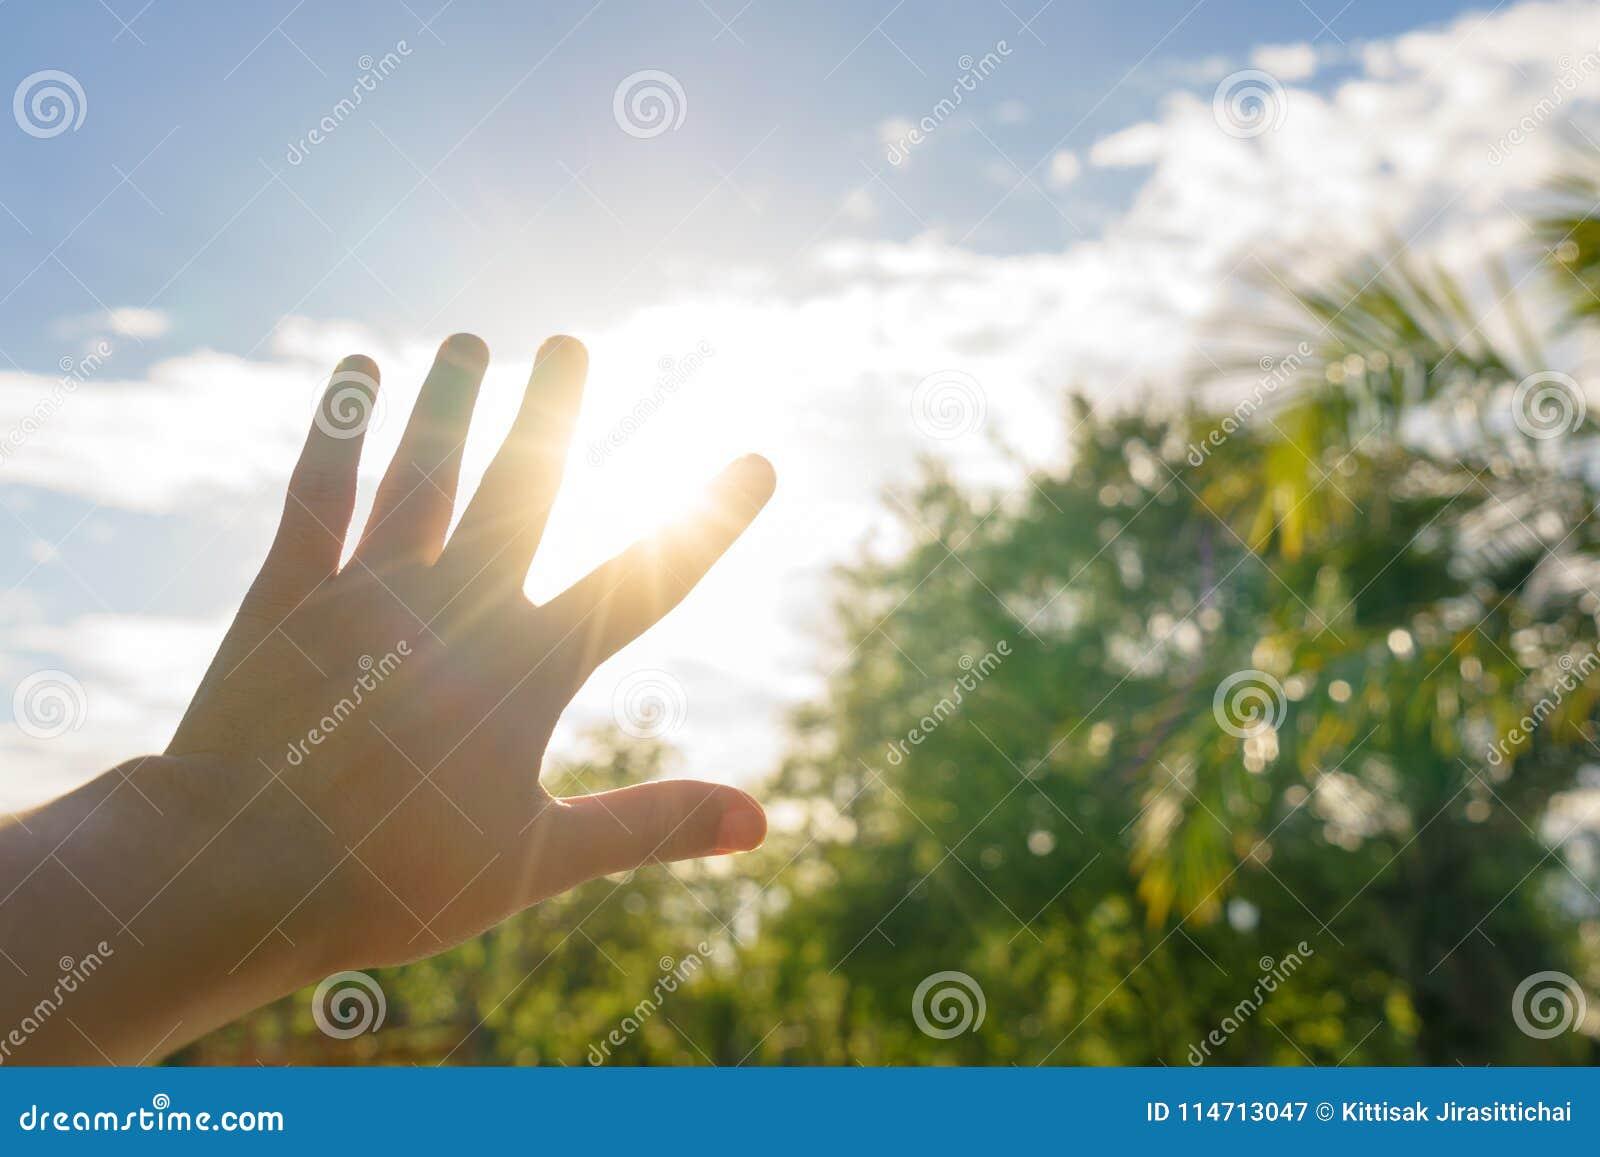 Esponga al sole i ciechi con la mano di estate calda - riscaldi il concetto